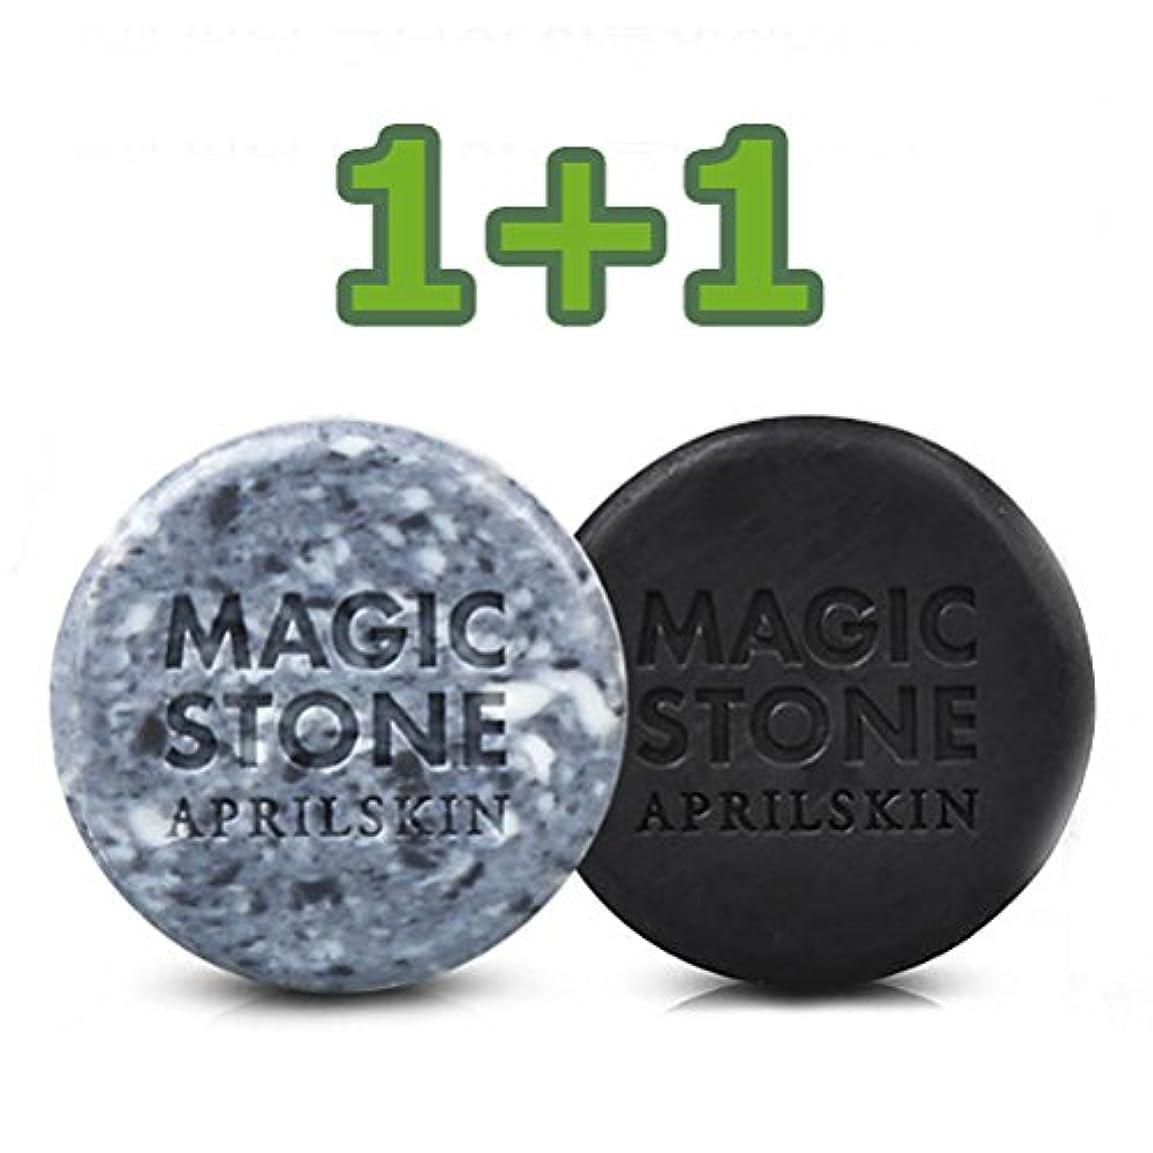 シャトルチューブむさぼり食うエイプリルスキン マジックストーンソープ オリジナル&ブラック (Aprilskin Magic Stone Soap Original & Black) 90g * 2個 / 正品?海外直送商品